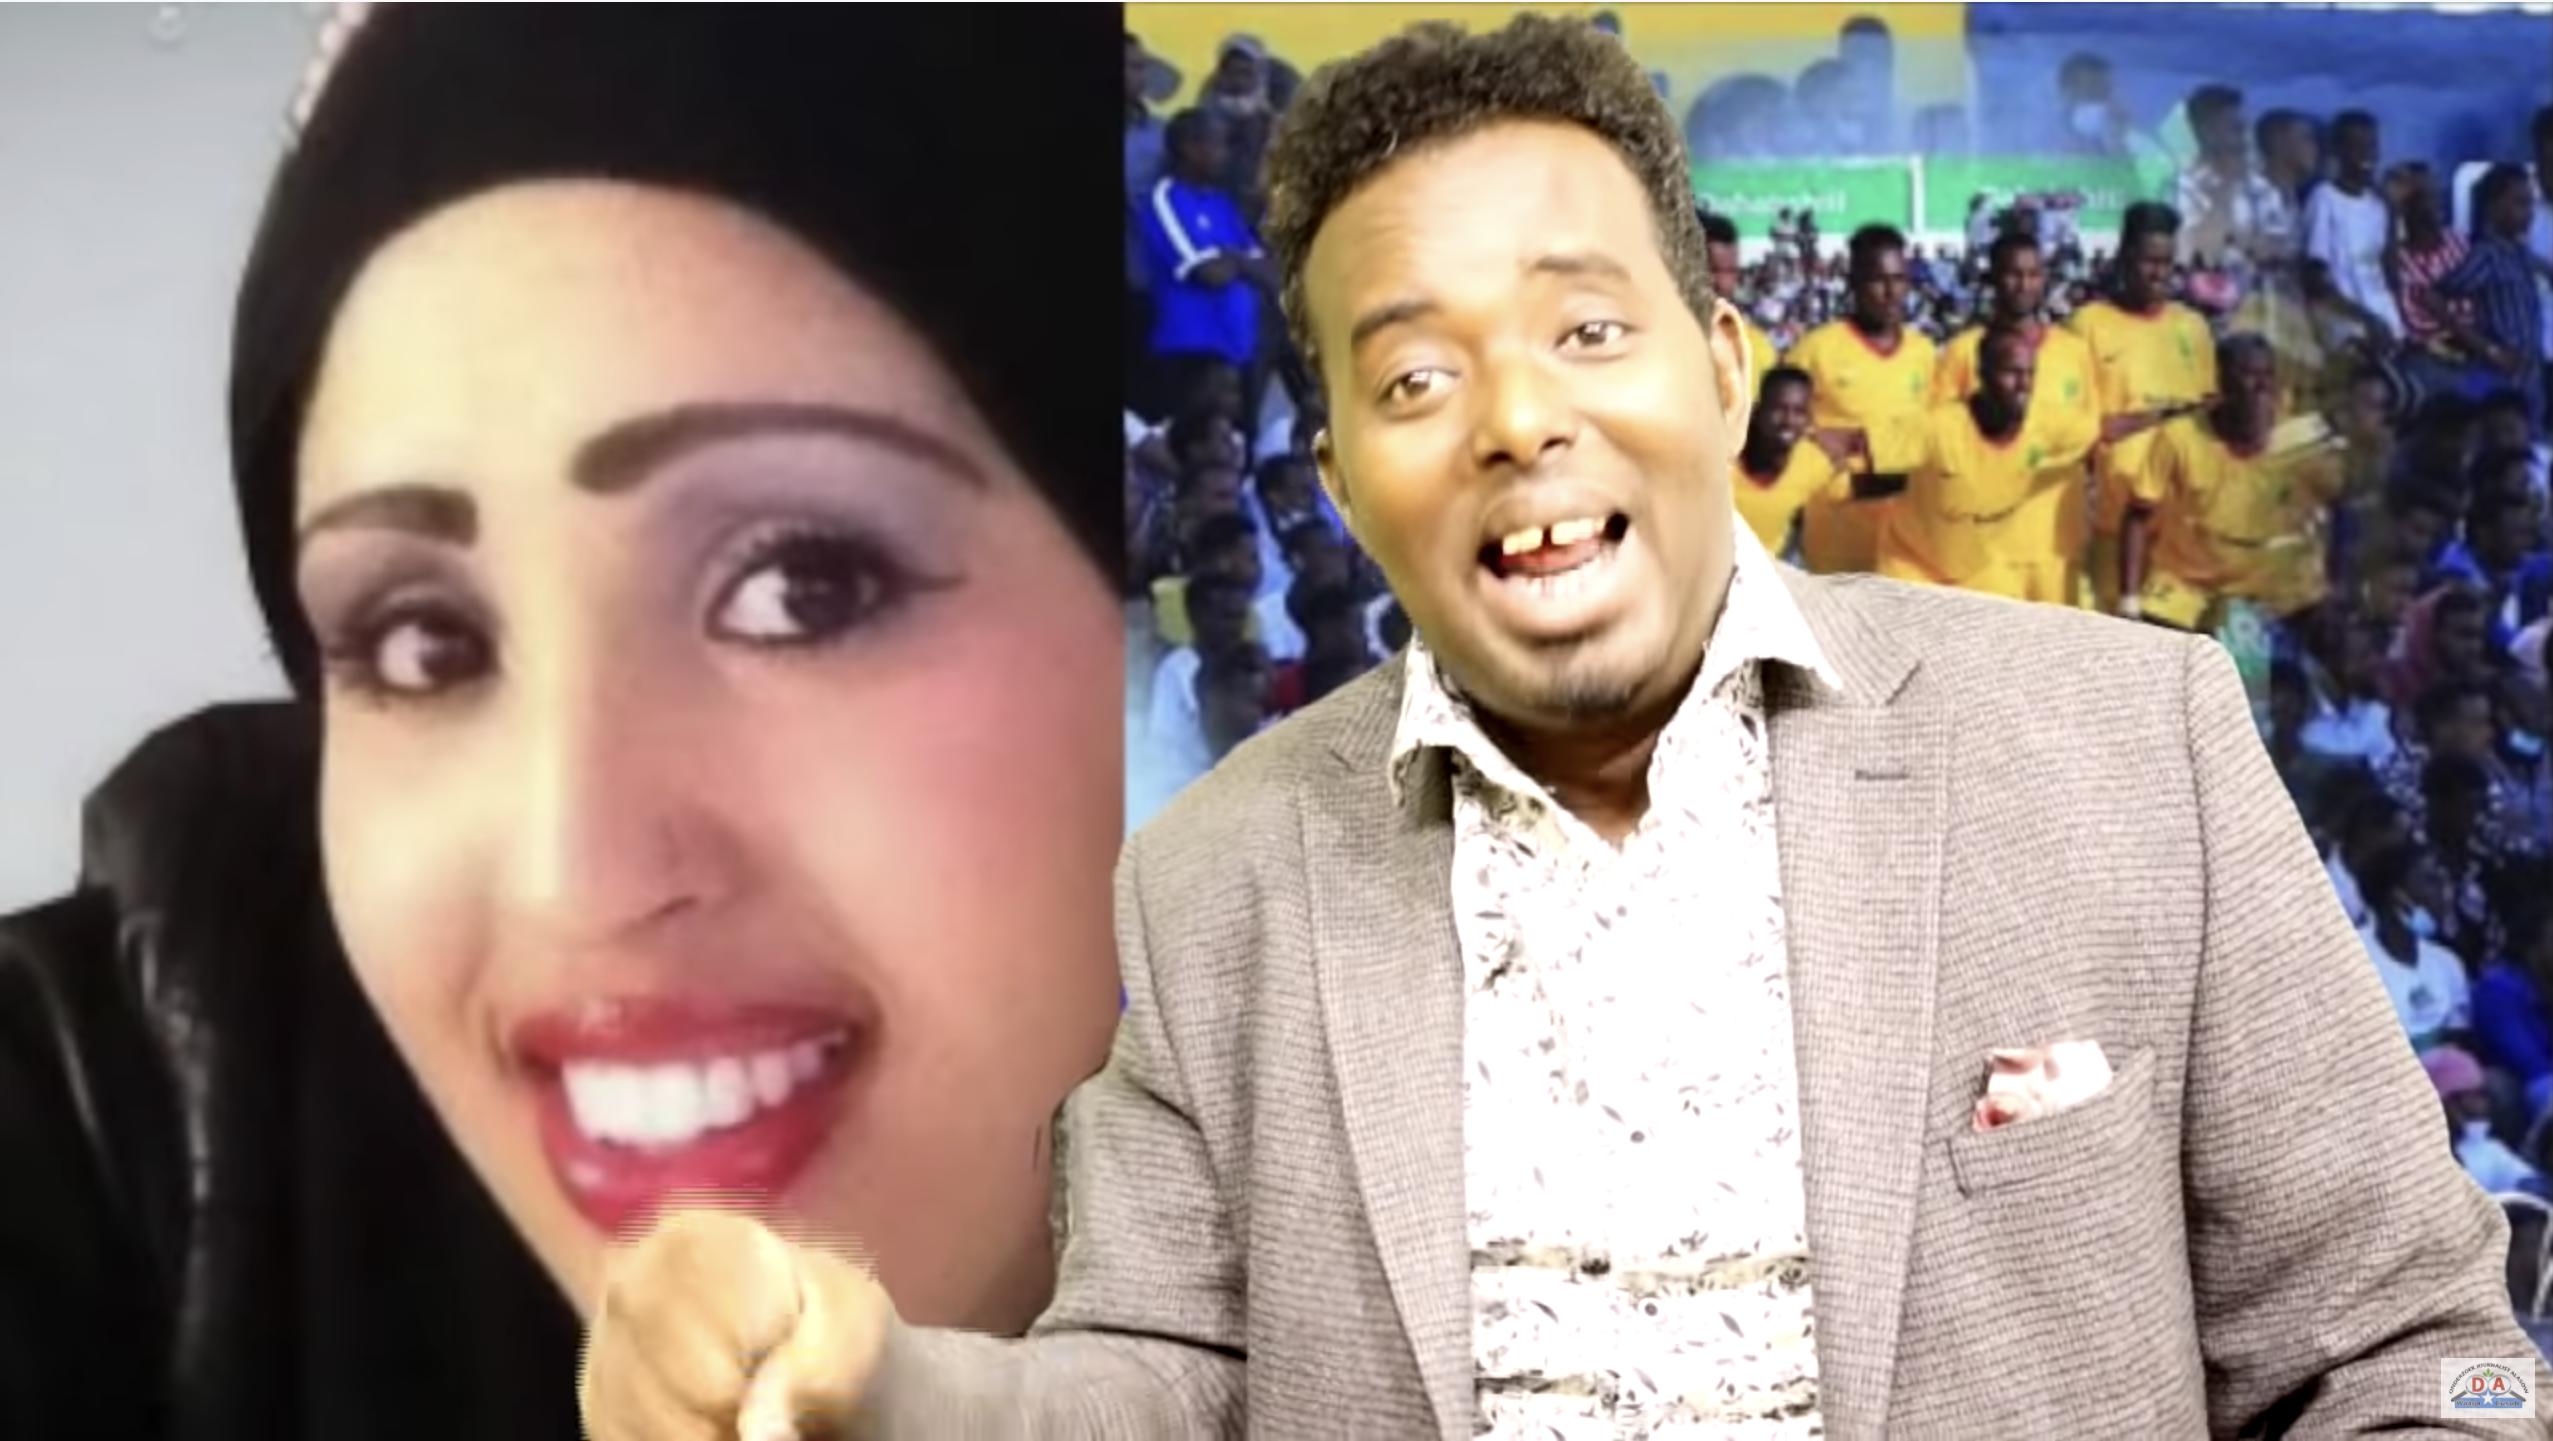 [DAAWO] Norway oo sharciga ka ceshatay Fanaanad caana iyo qosolka Ciyaaraha Somaliland